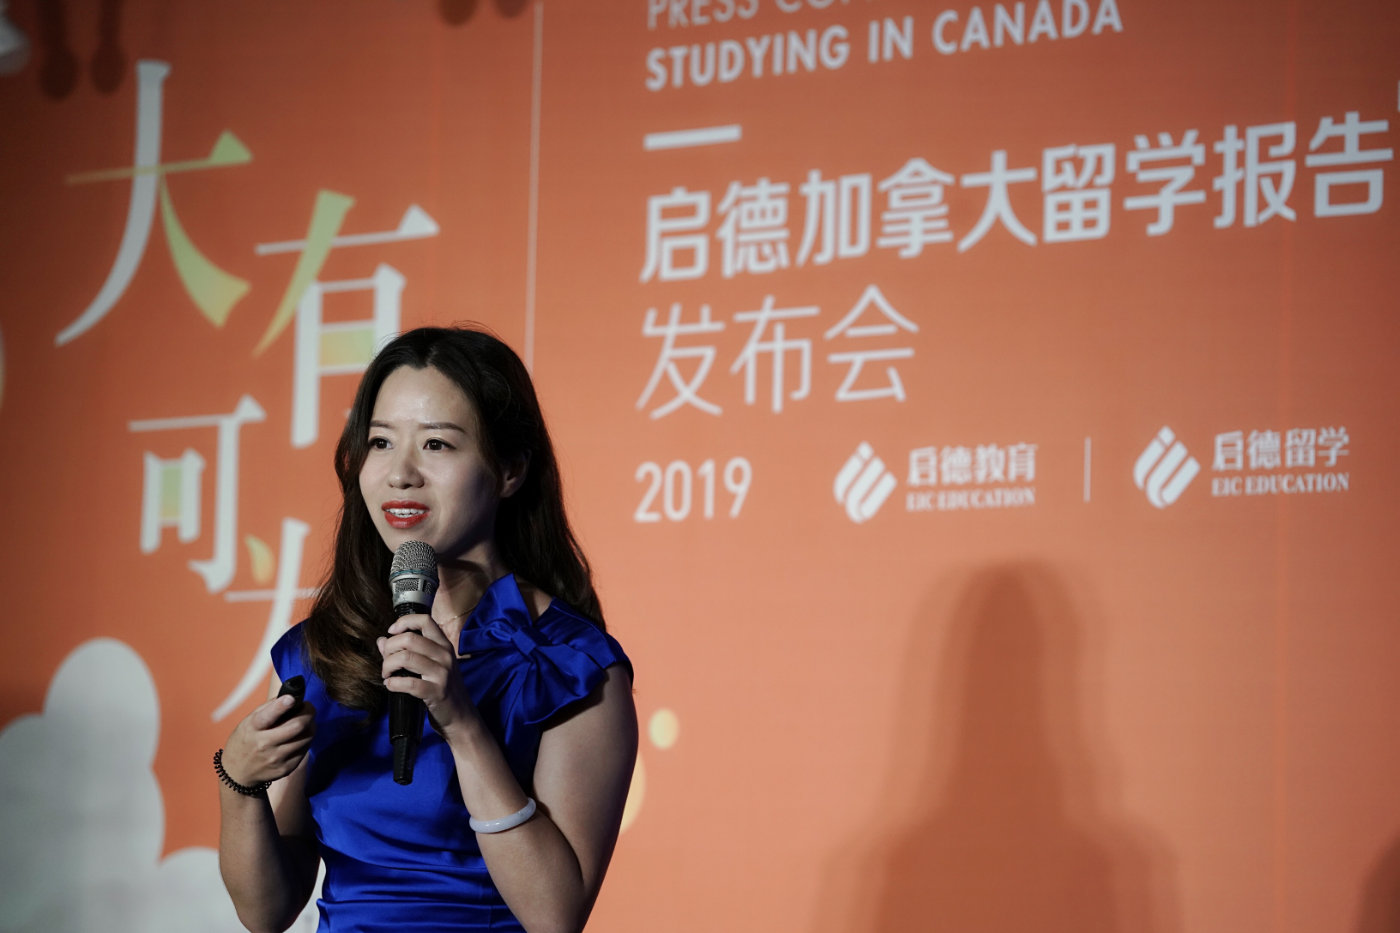 赴加留学生低龄占比接近30%,安大略省仍为首选地区